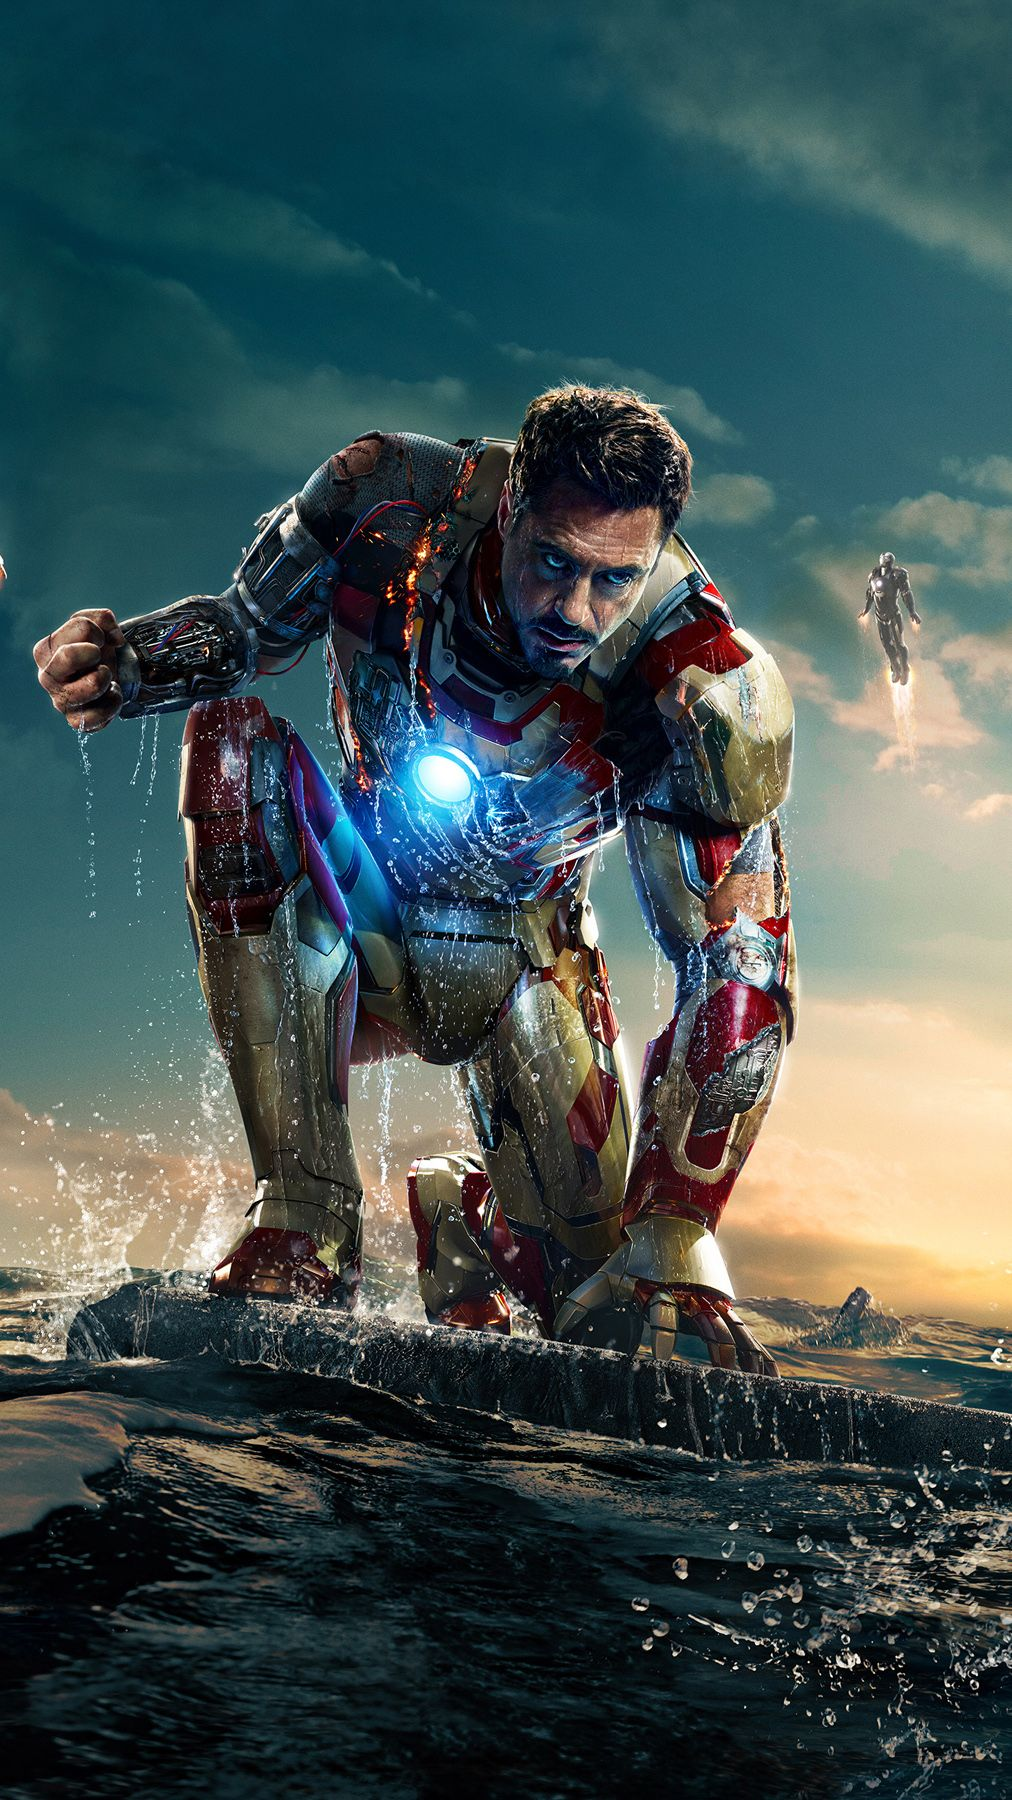 Iron Man Hd Wallpapers Backgrounds Wallpaper Iron Man Wallpaper